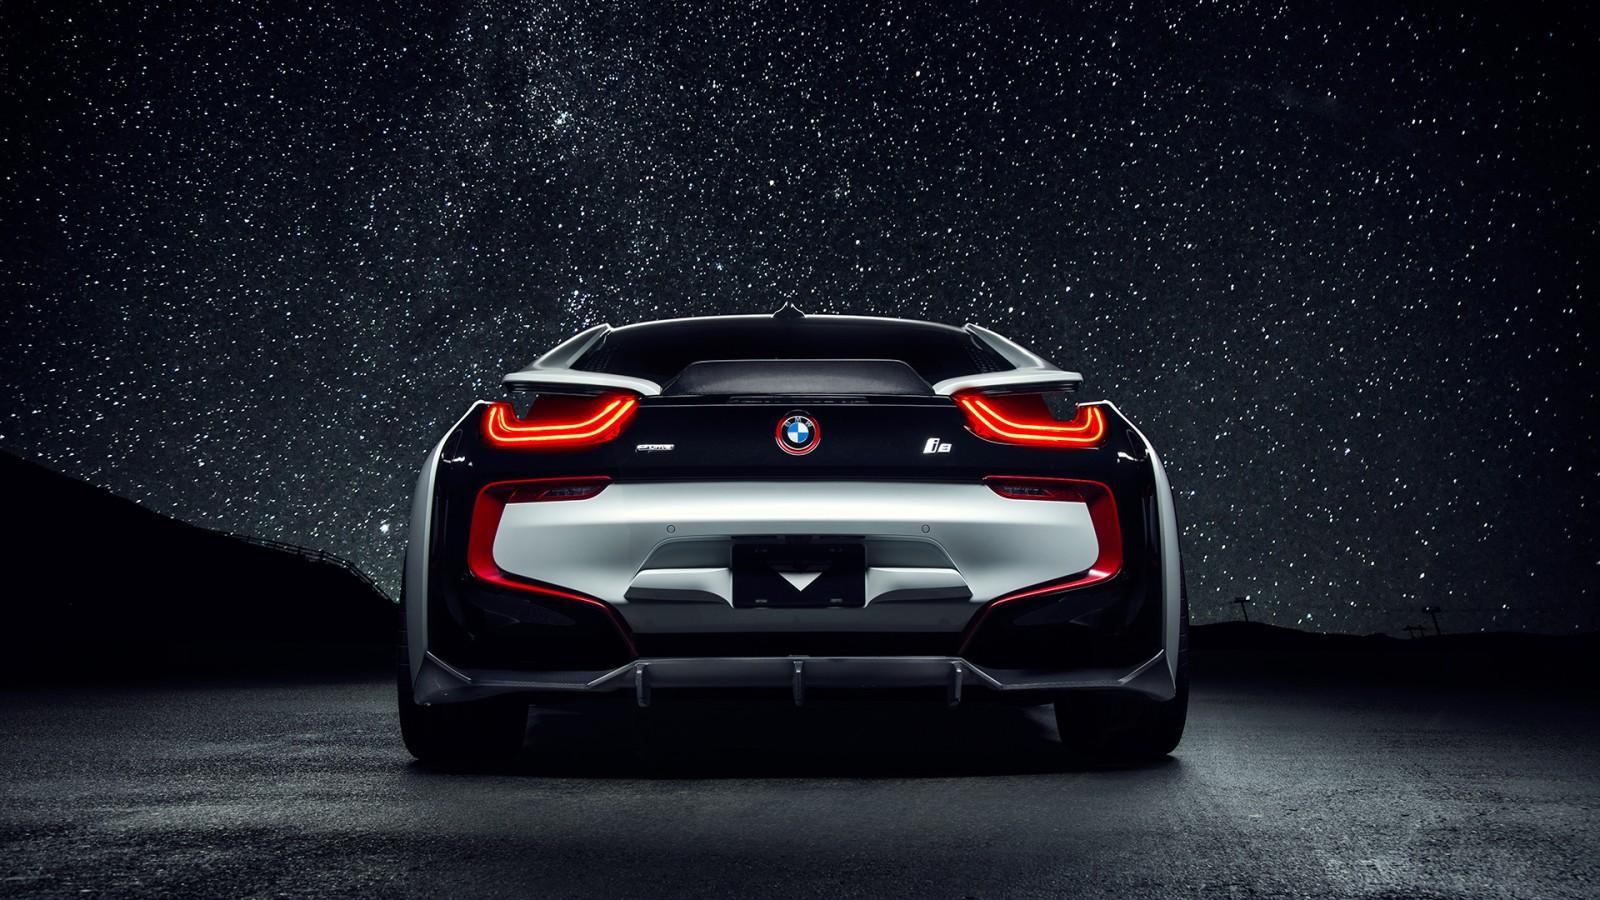 Jaguar Car Logo Hd Wallpaper Download Vorsteiner Bmw I8 Aero 2 Wallpaper Hd Car Wallpapers